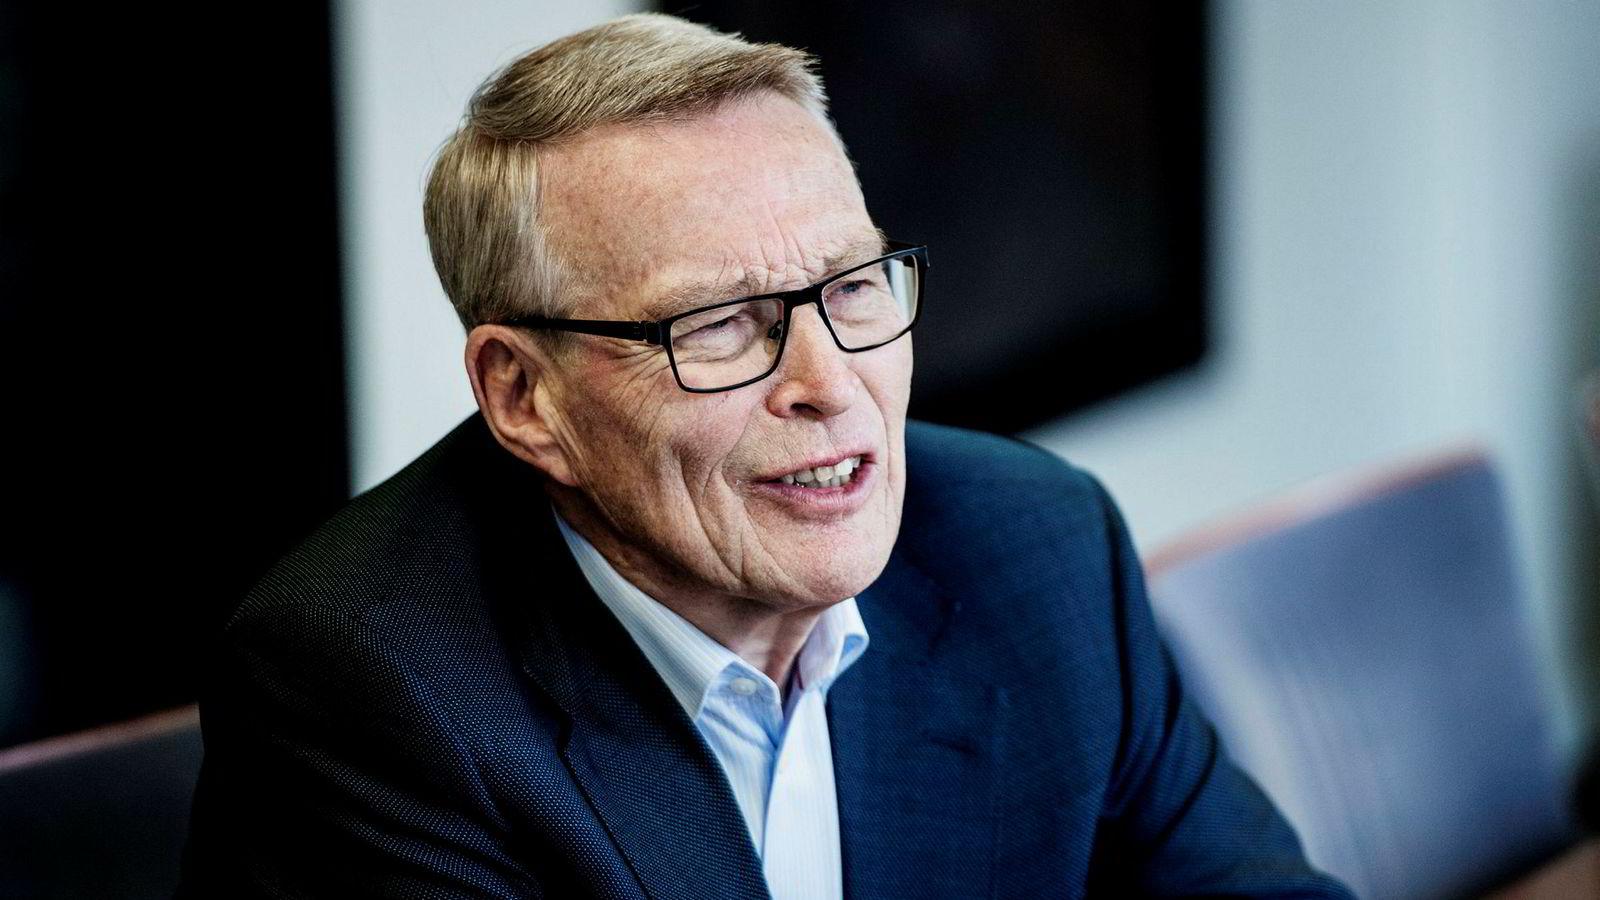 Investor Erik Must og familien har over flere år levert kraftige overskudd gjennom konsernet Erik Must as. Nå er den bokførte egenkapitalen på fem milliarder kroner for første gang.